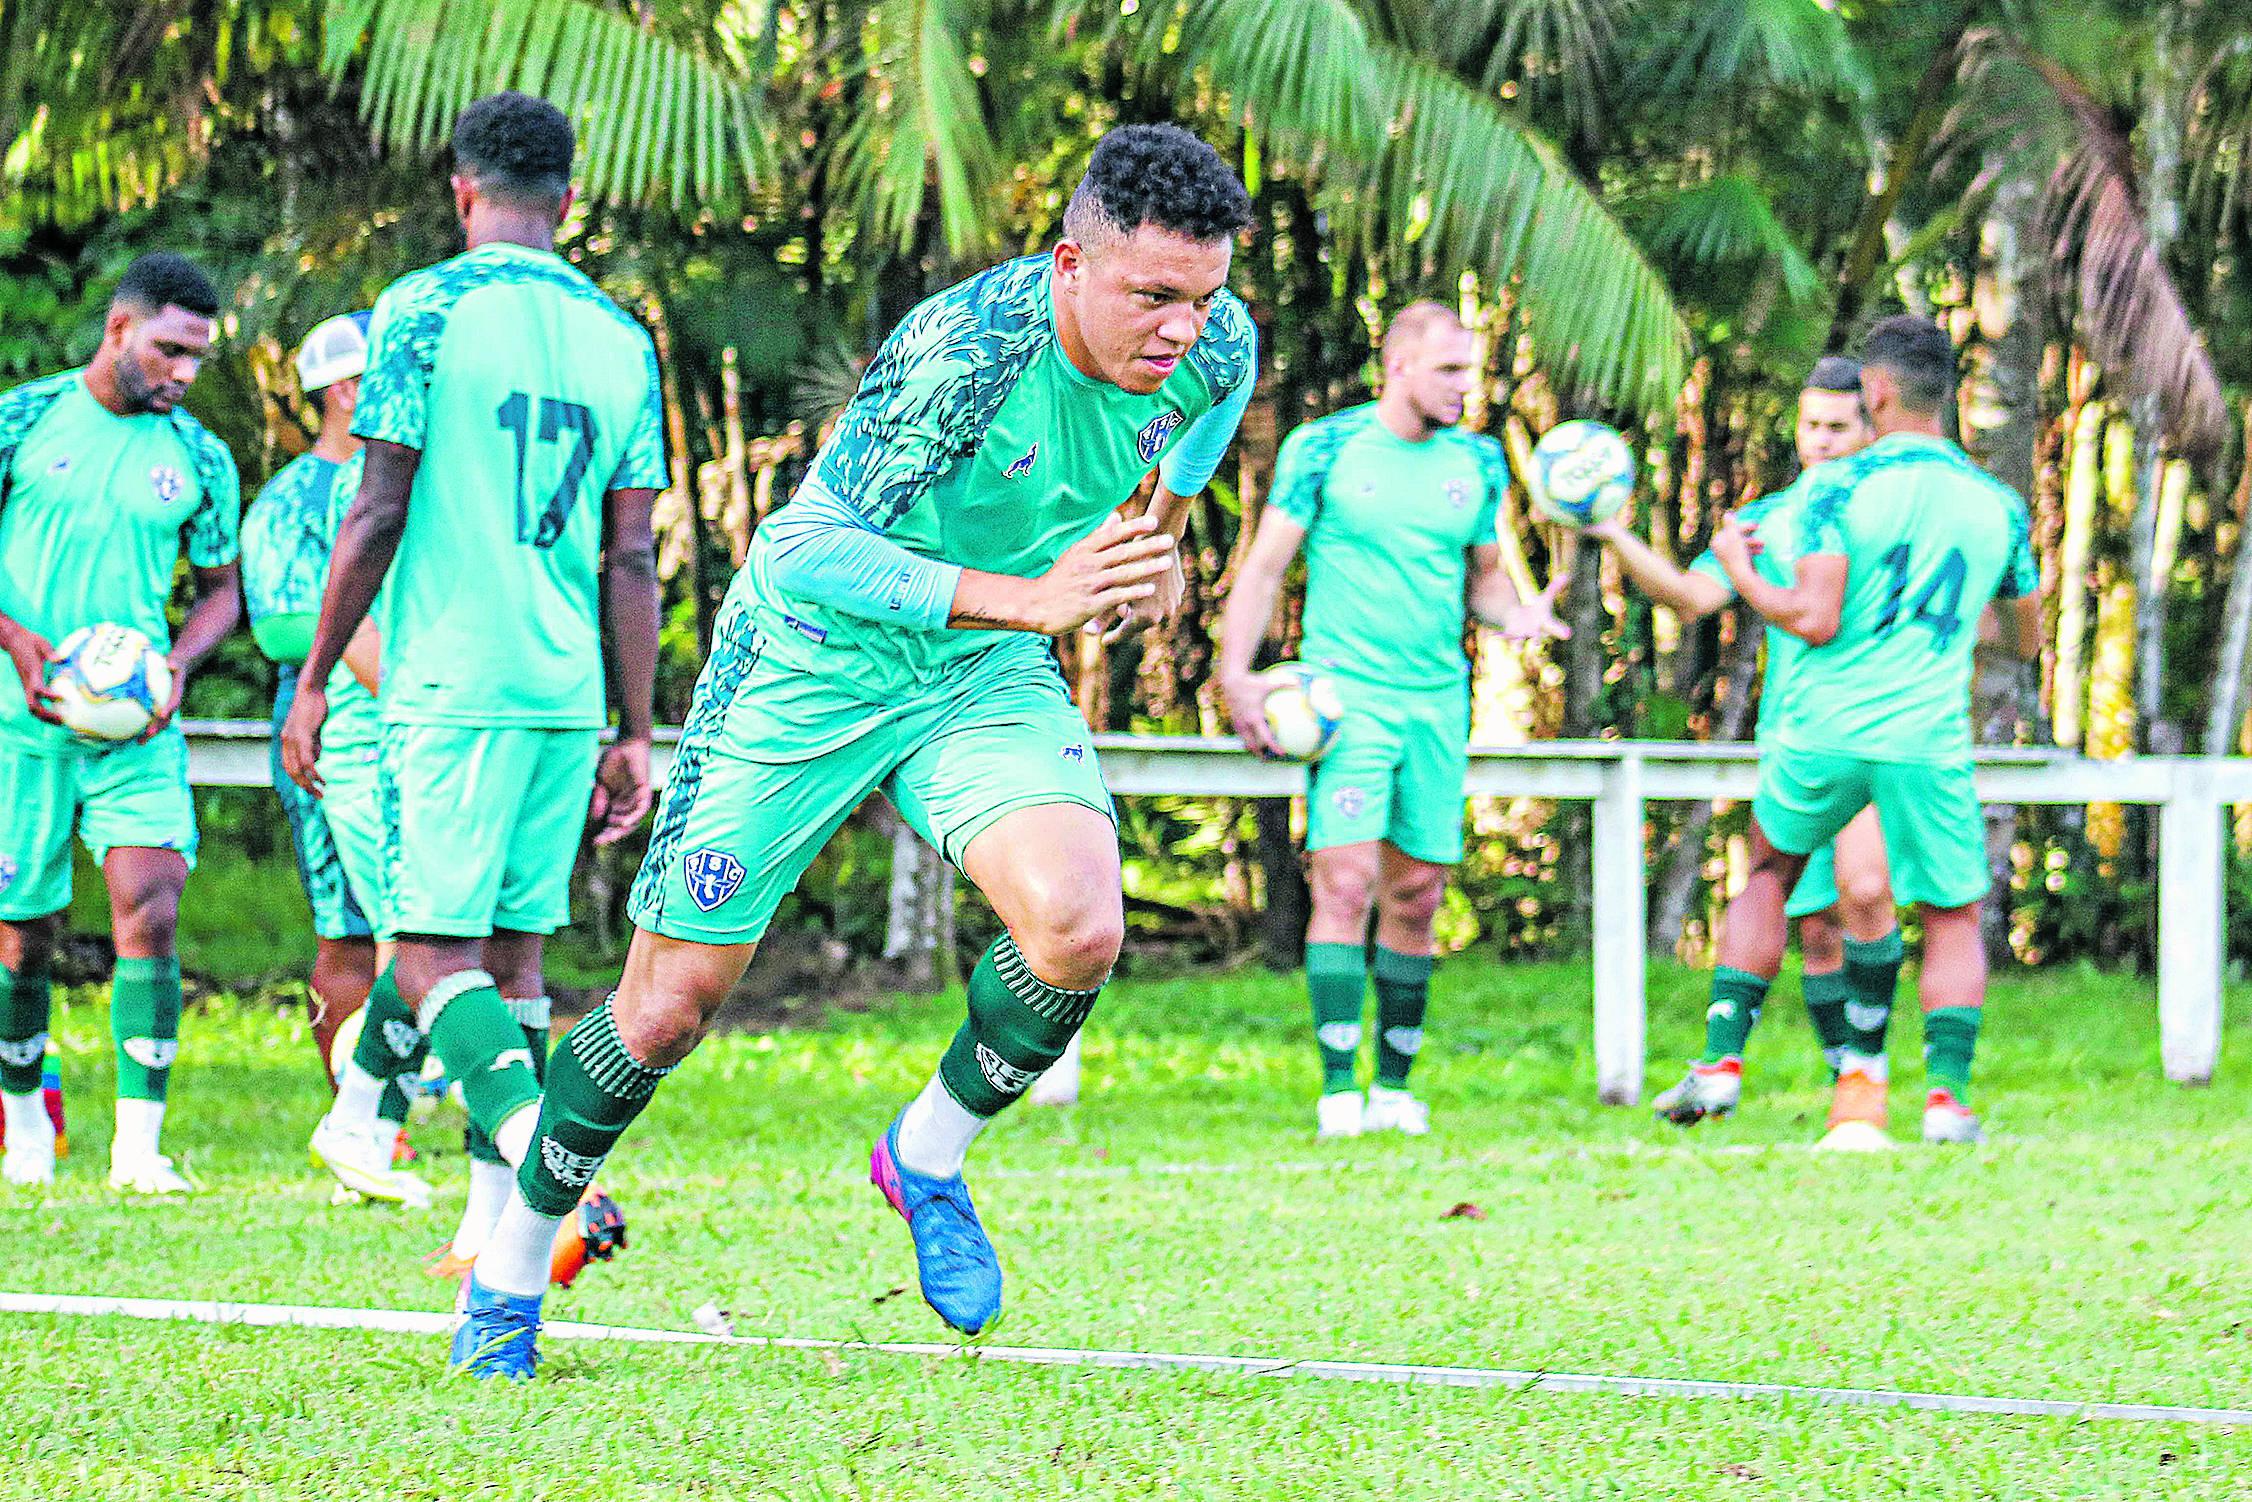 Perema está com moral com o técnico bicolor, que o comparou a Belterra, um dos grandes do futebol paraense